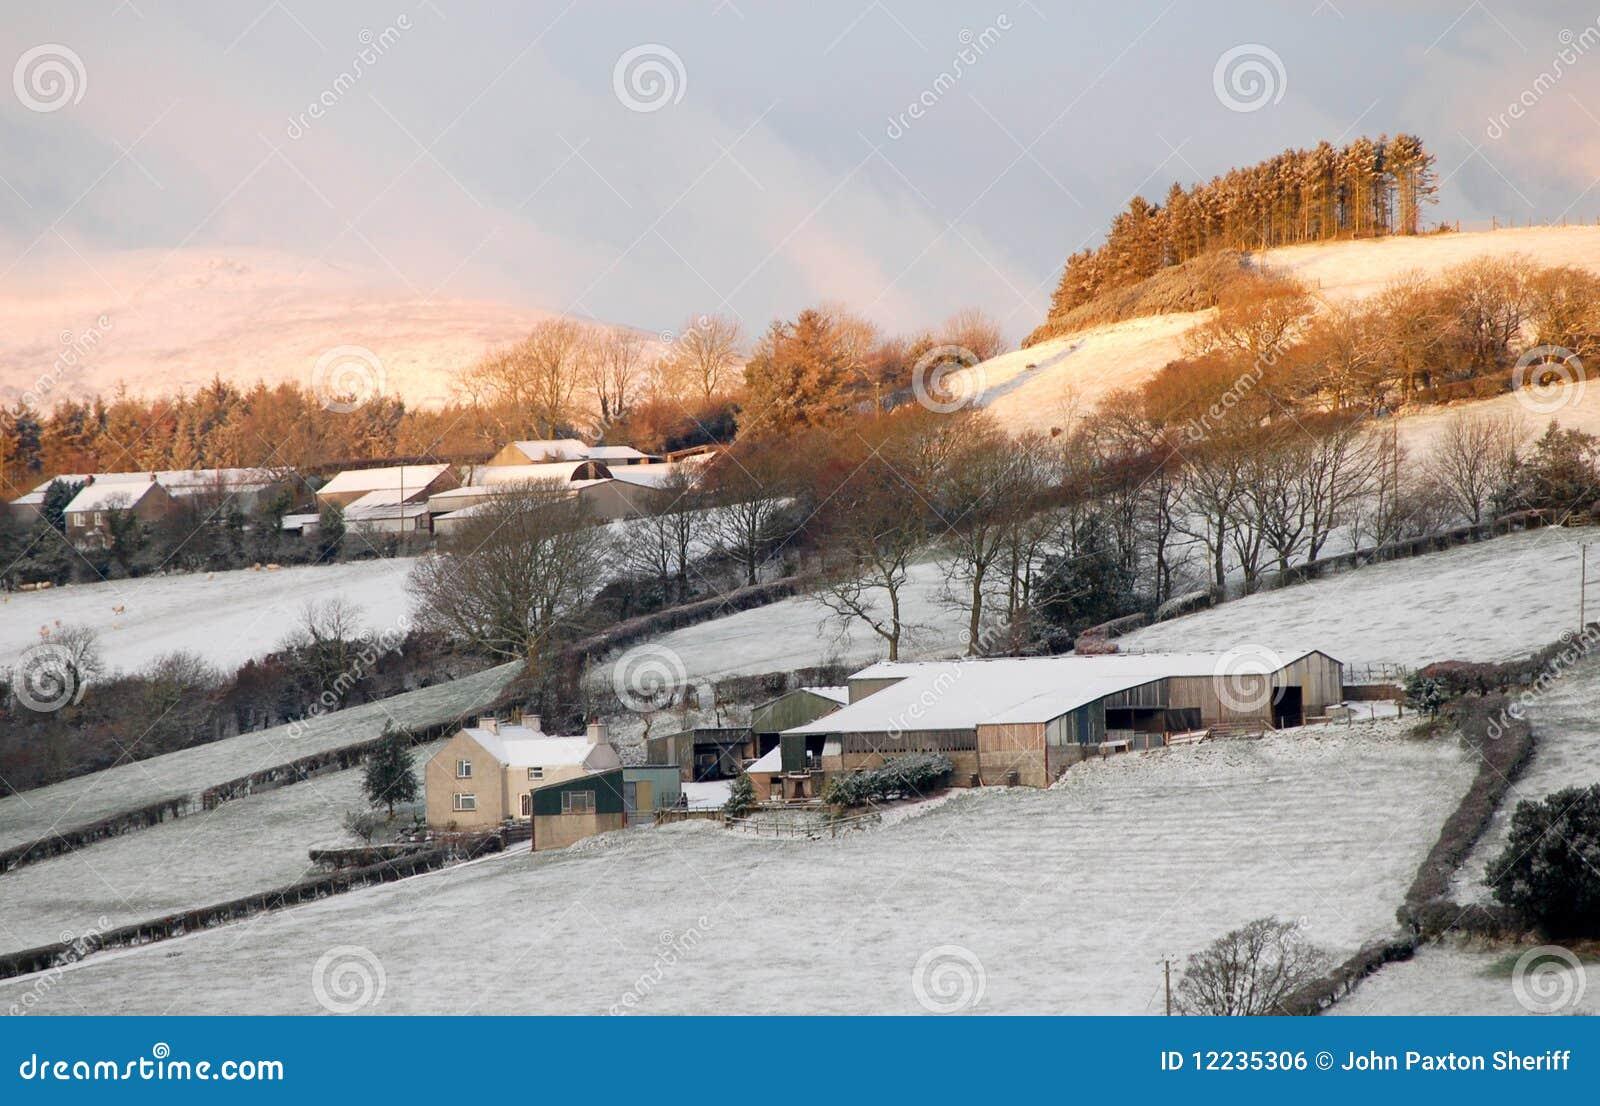 Landbouwbedrijven in sneeuw